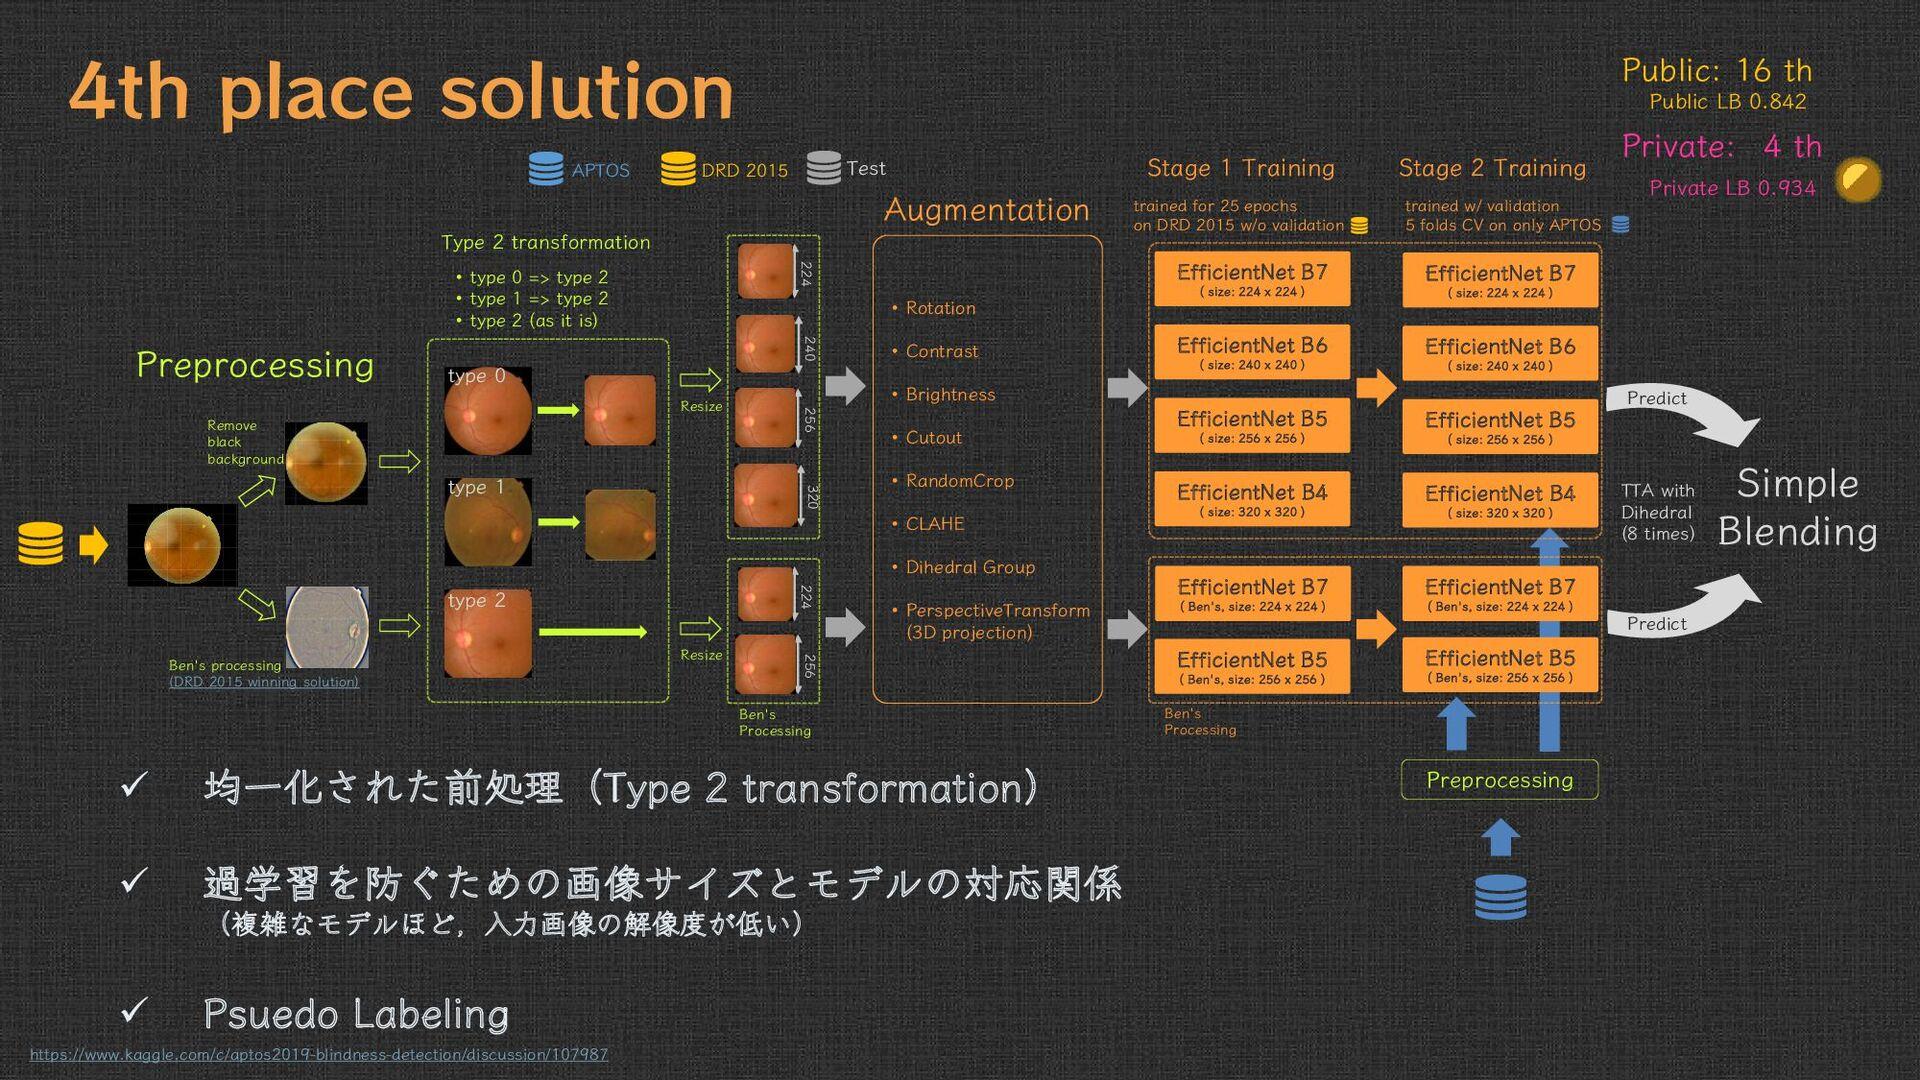 Qishen Ha 4th place solution Public: 16 th Publ...